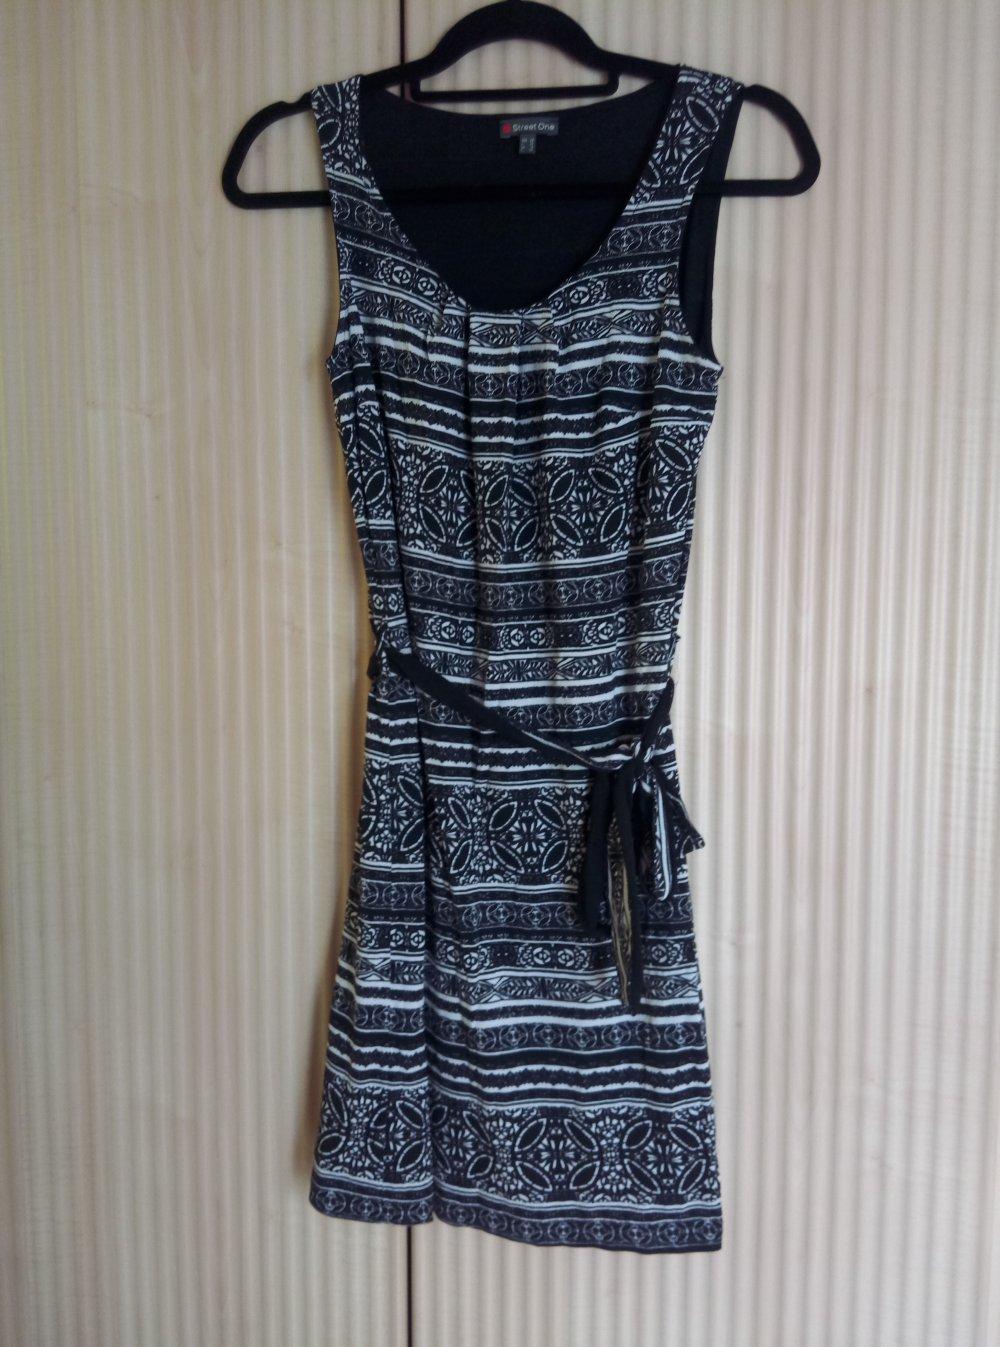 Street One Kleid Aber Kleid schwarz weiss gemustert Größe 34